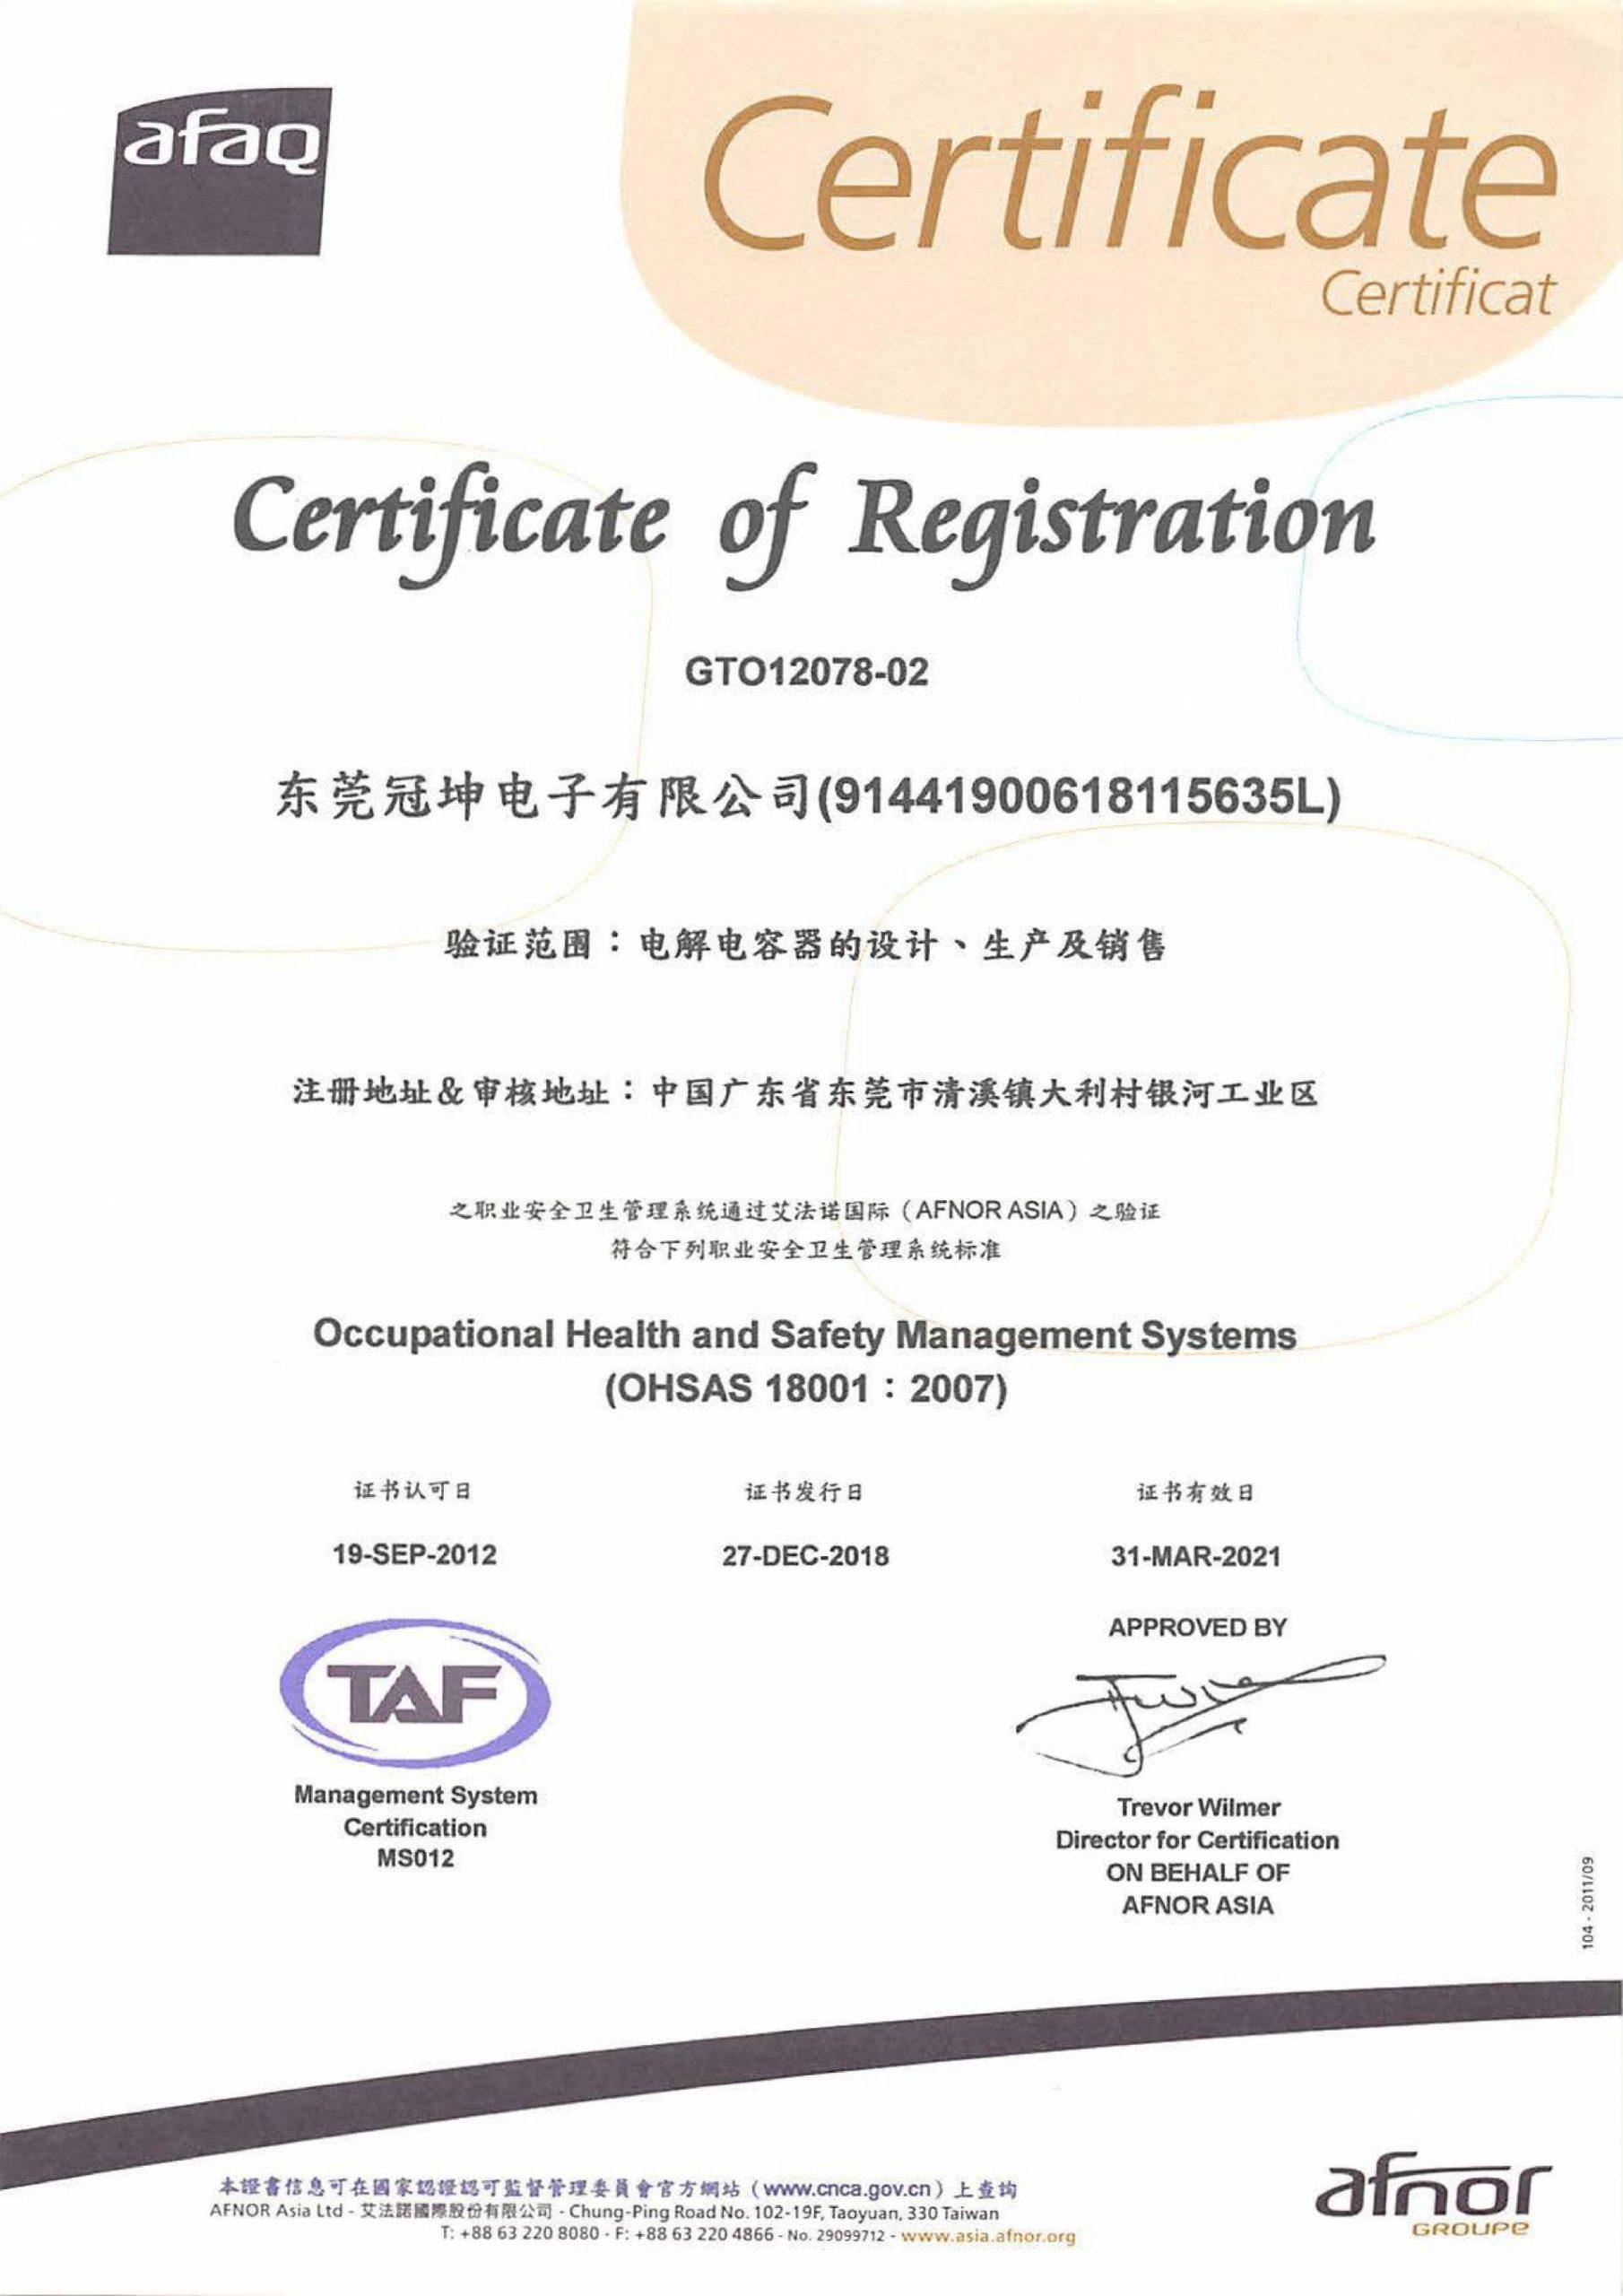 OHSAS-18001_2021-03-31